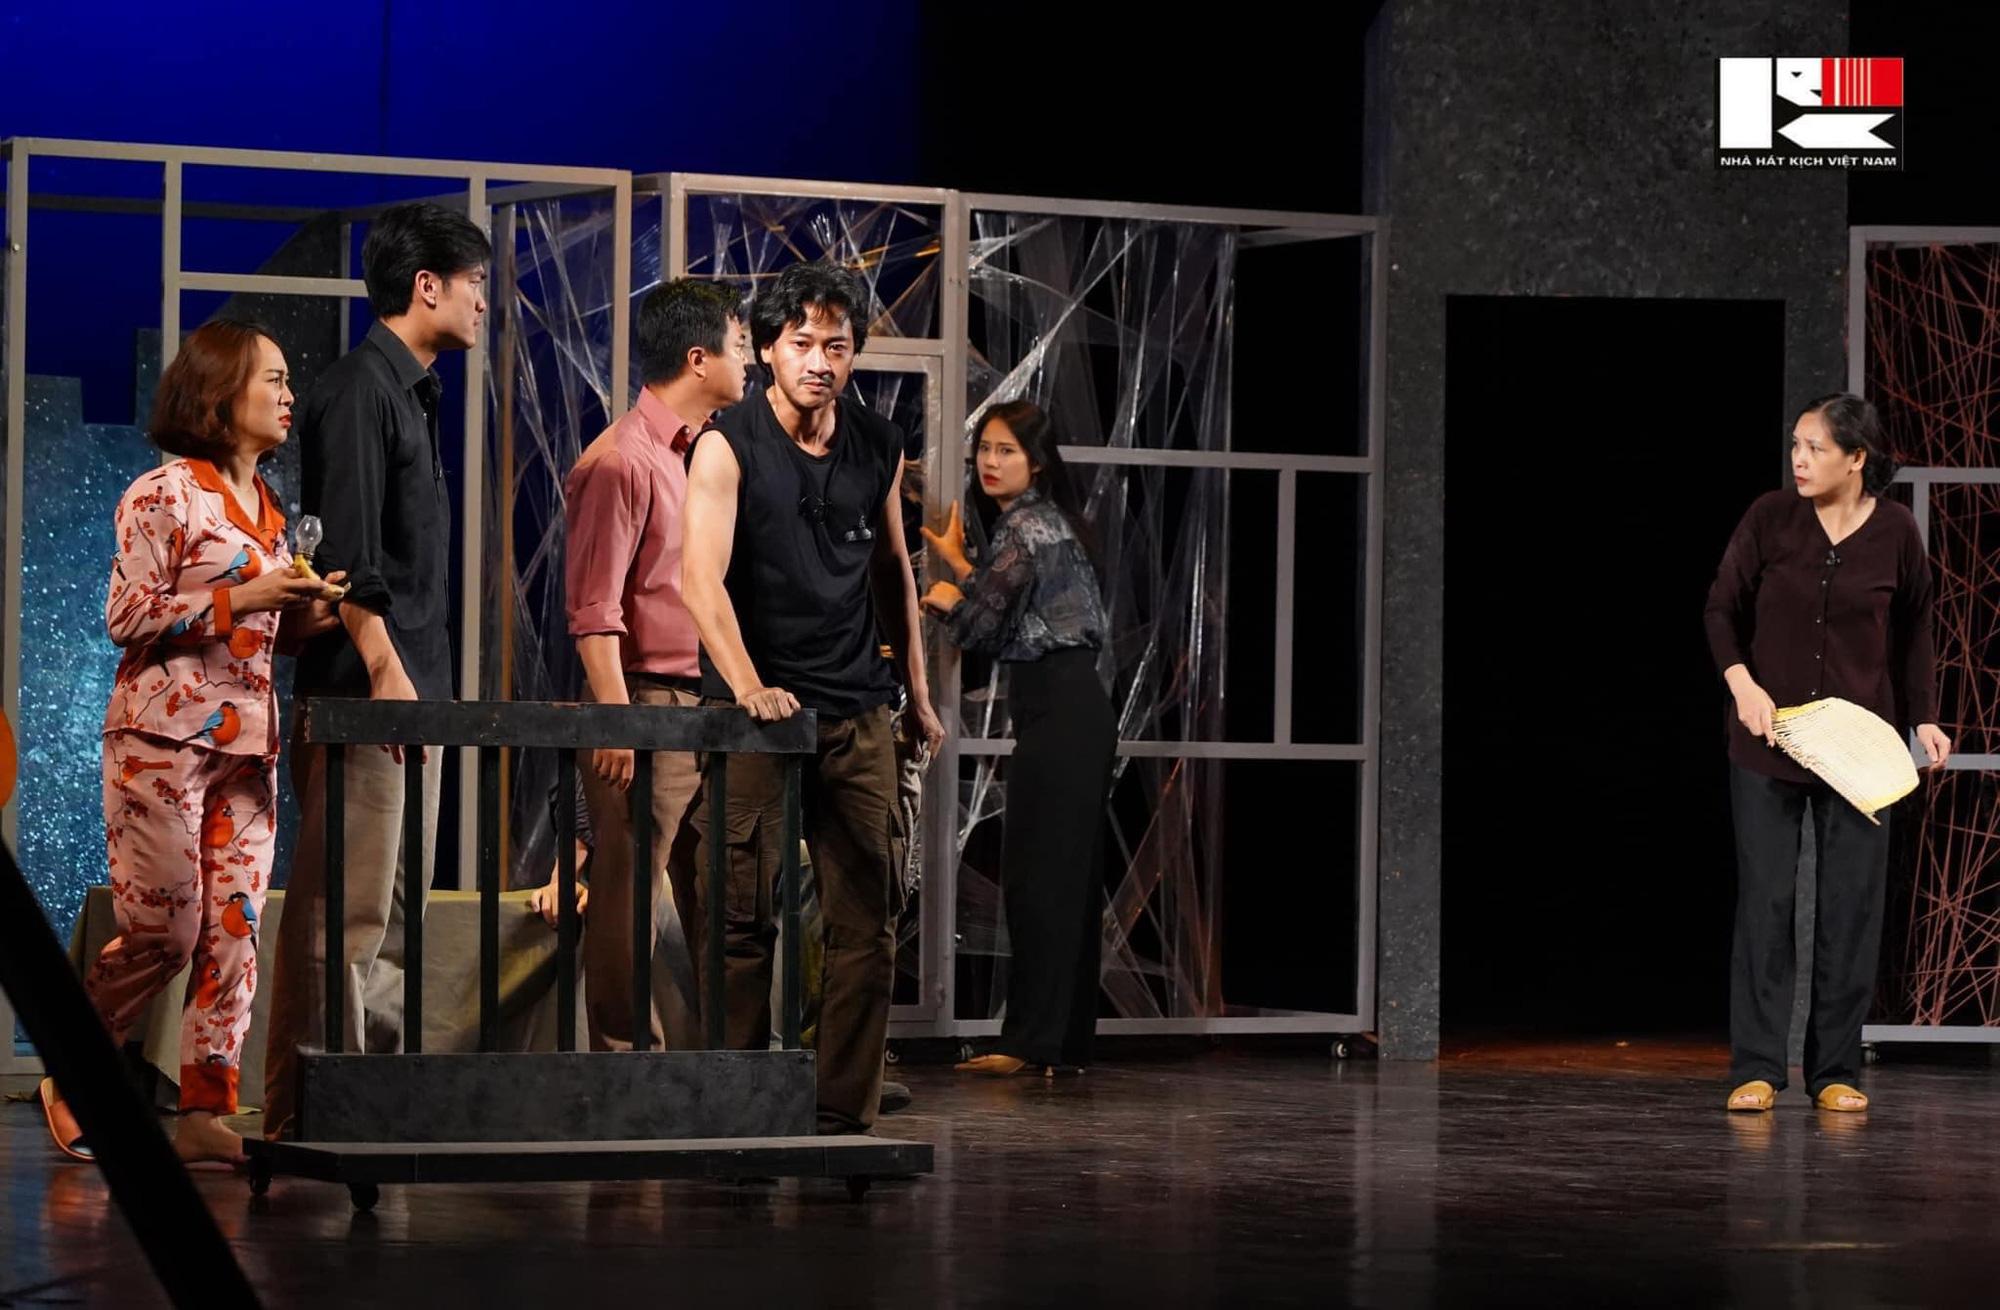 100 năm sân khấu kịch nói Việt Nam (kỳ 5): Các nhà hát đã tự cứu mình như thế nào? - Ảnh 1.